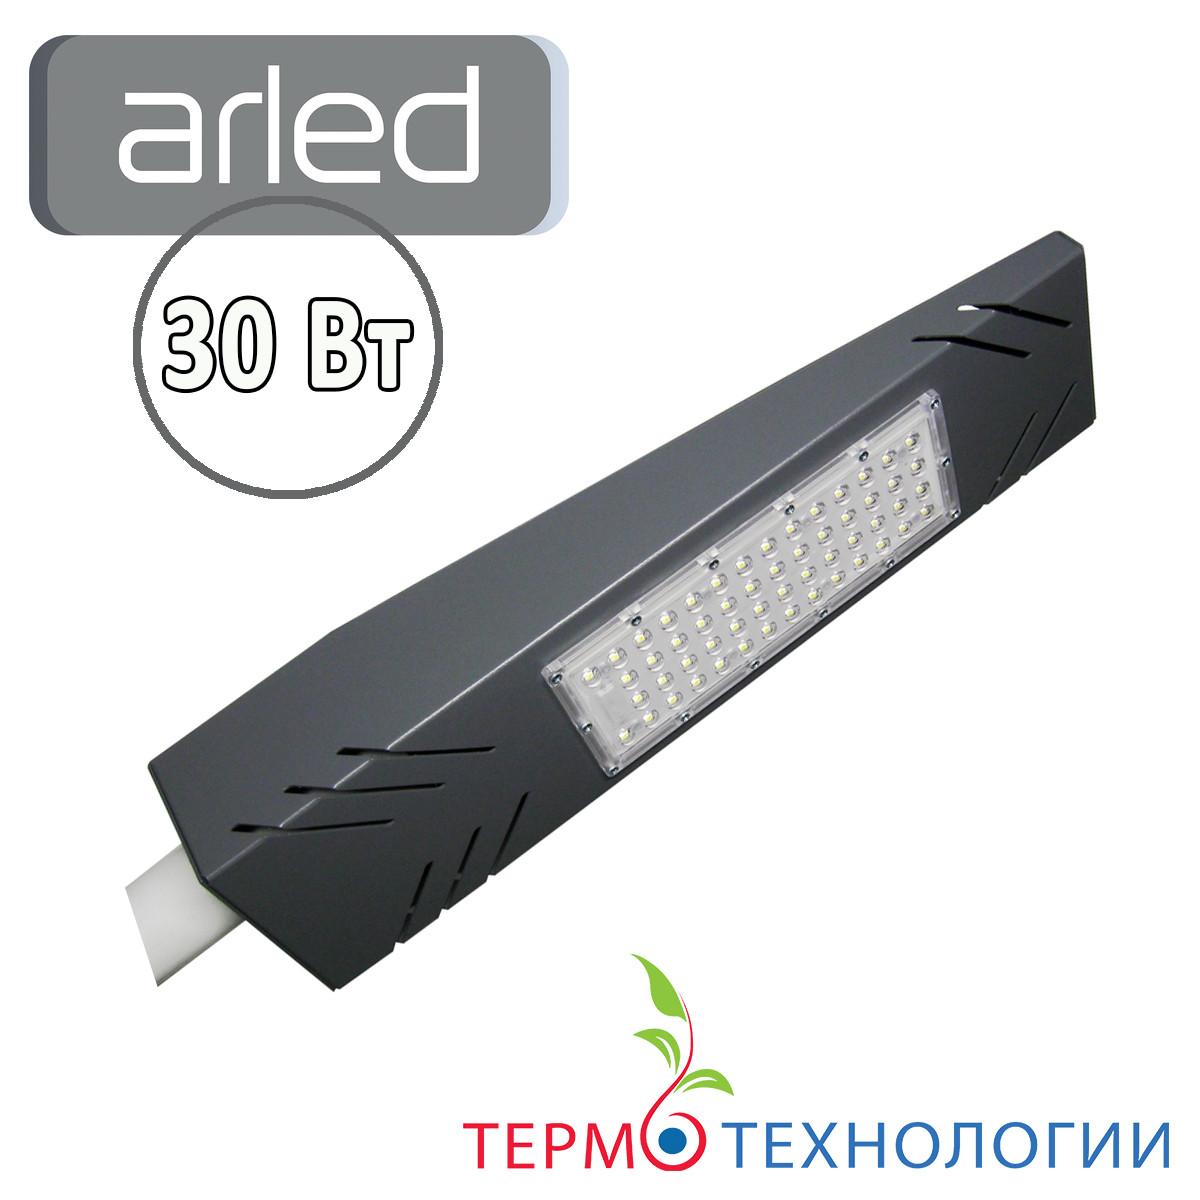 Светодиодный светильник LEDO 30 Вт